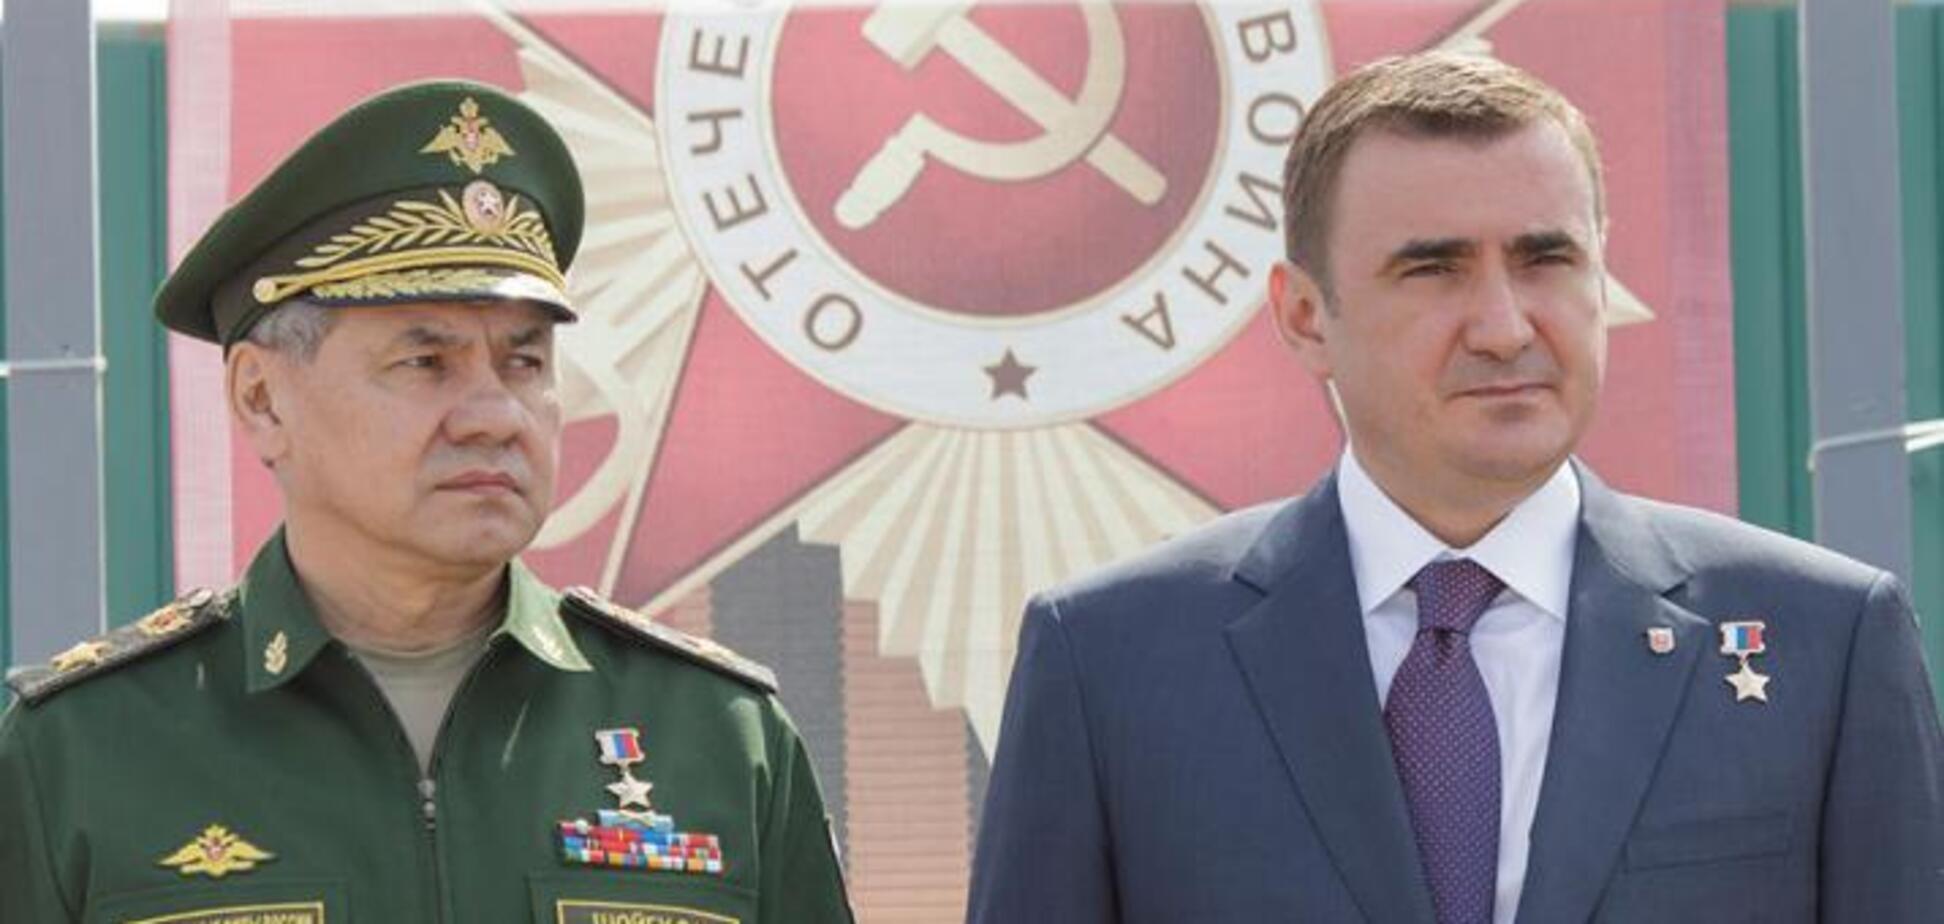 Дюмін потіснить Шойгу? Бєлковський спрогнозував несподівані перестановки в уряді РФ